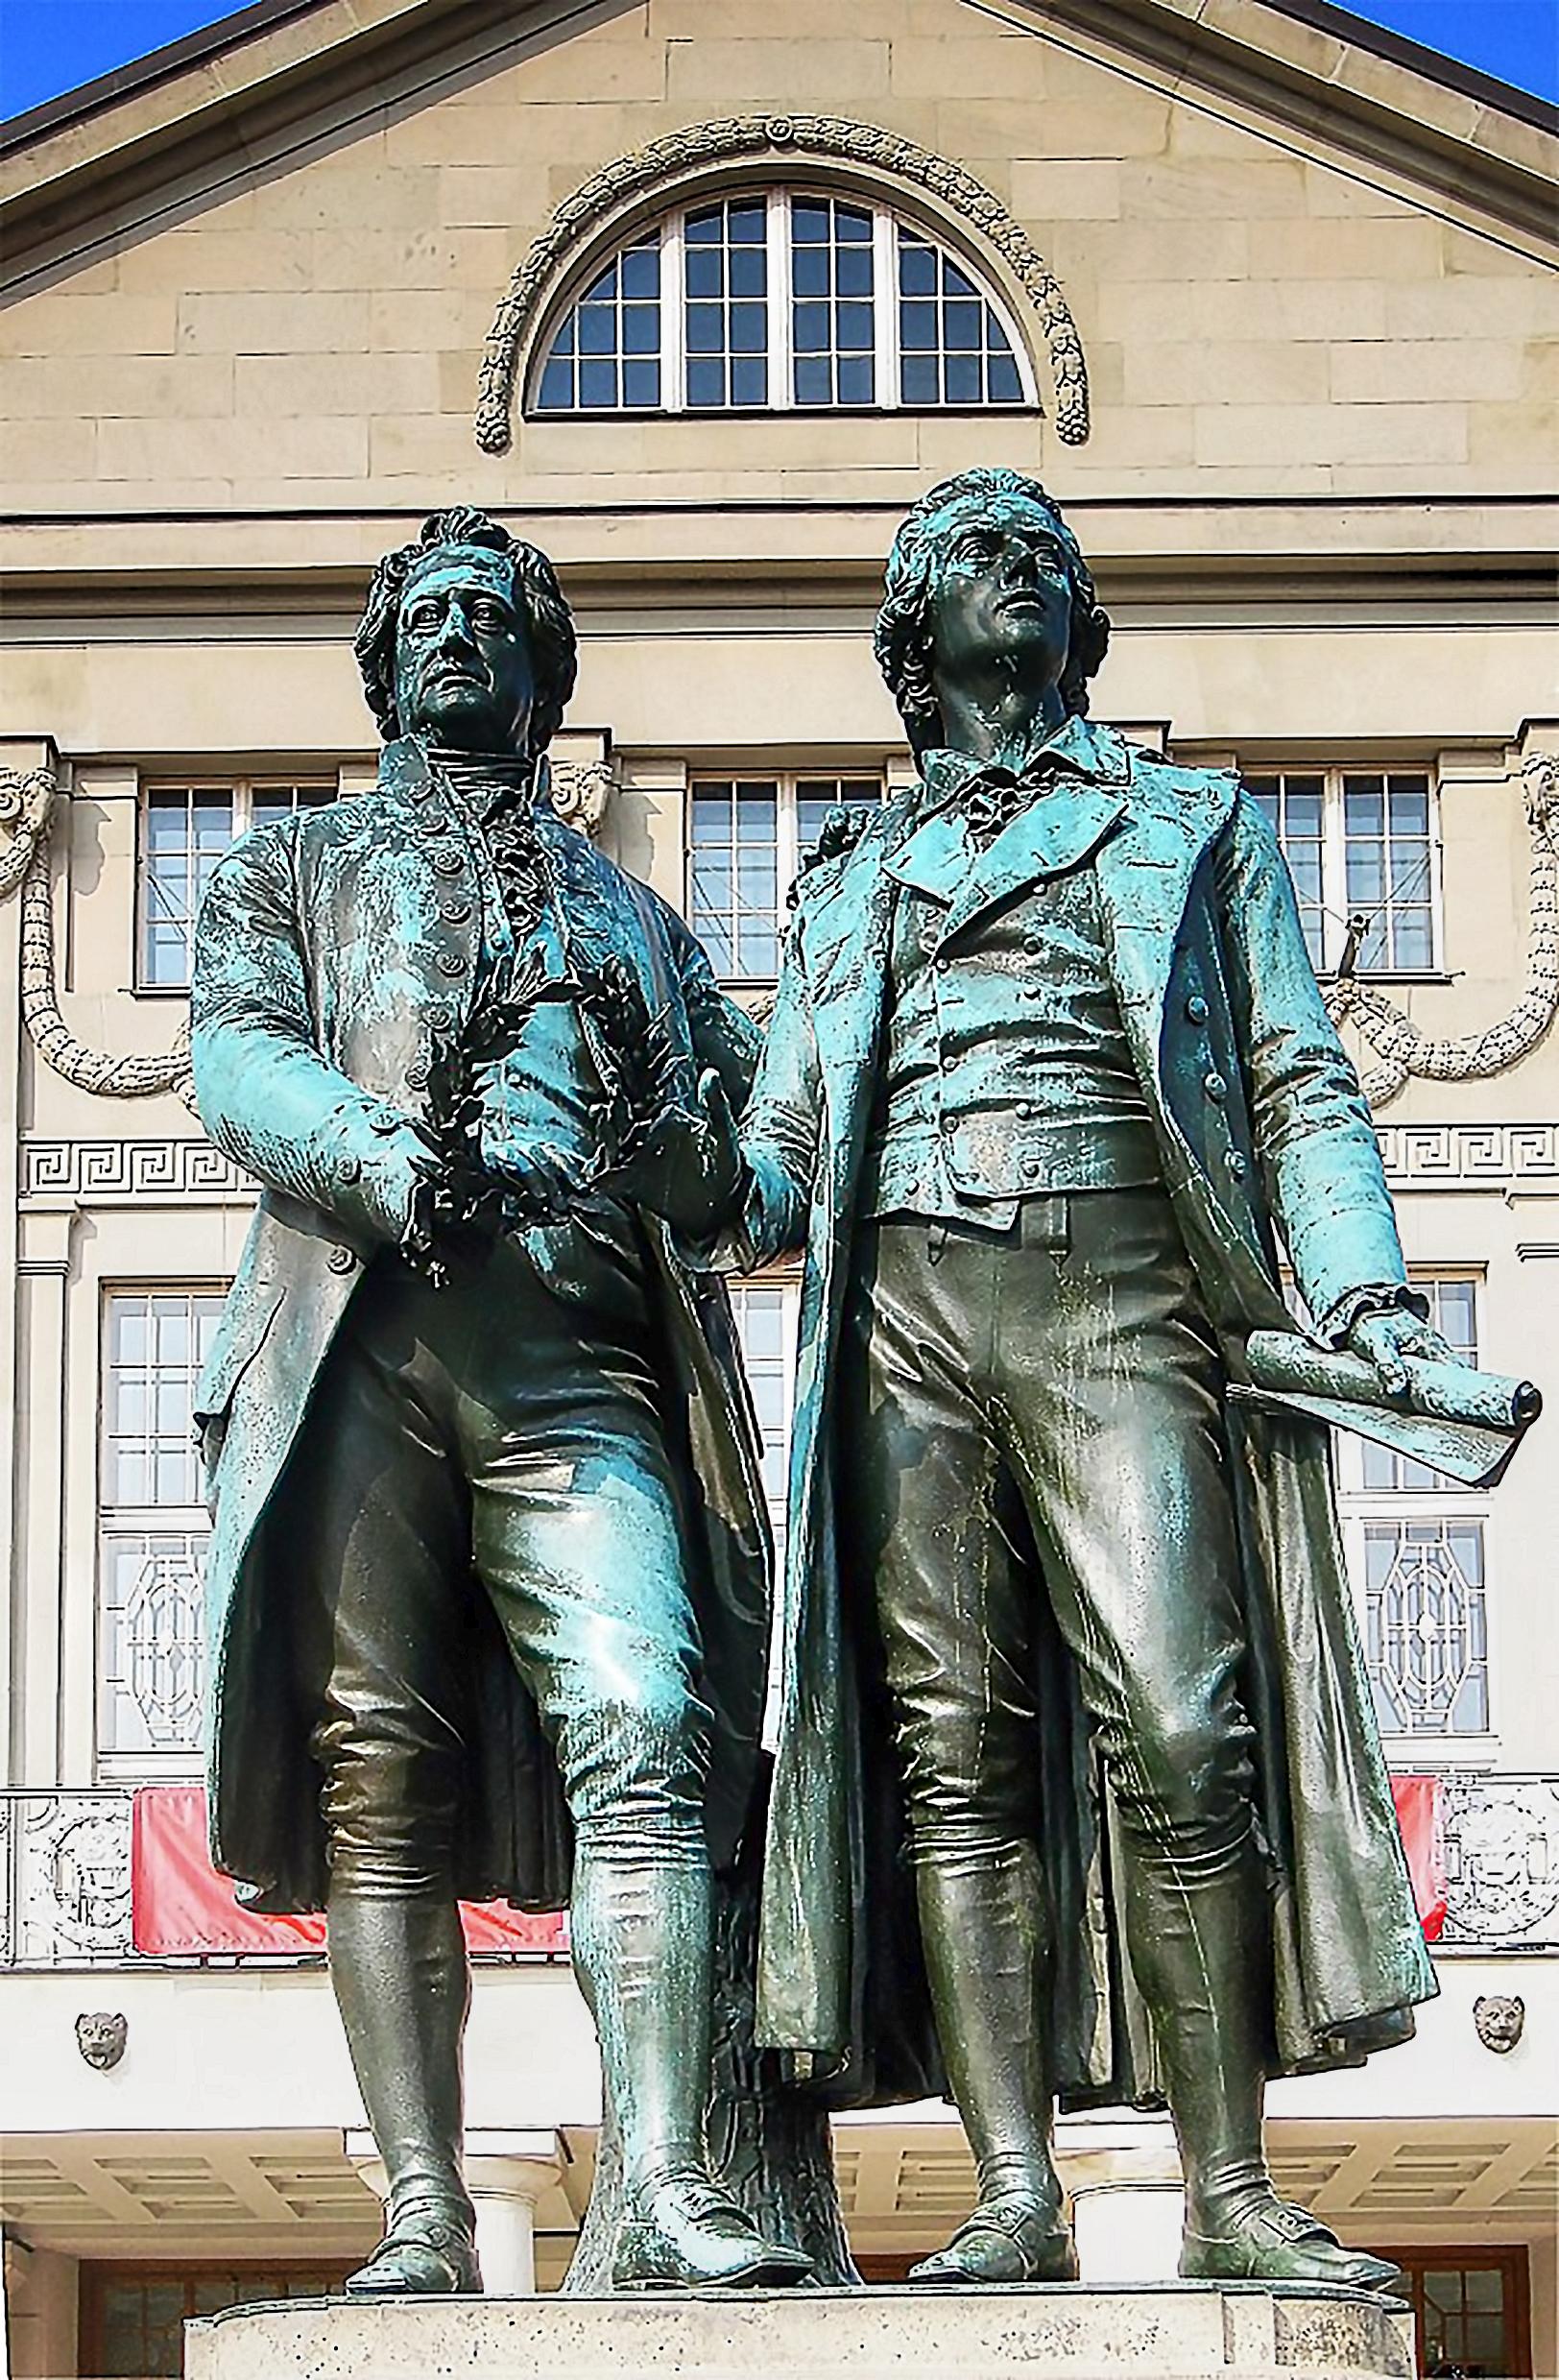 Ernst Friedrich August Rietschel Goethe Schiller Monument Weimar Thüringen, Germany, a